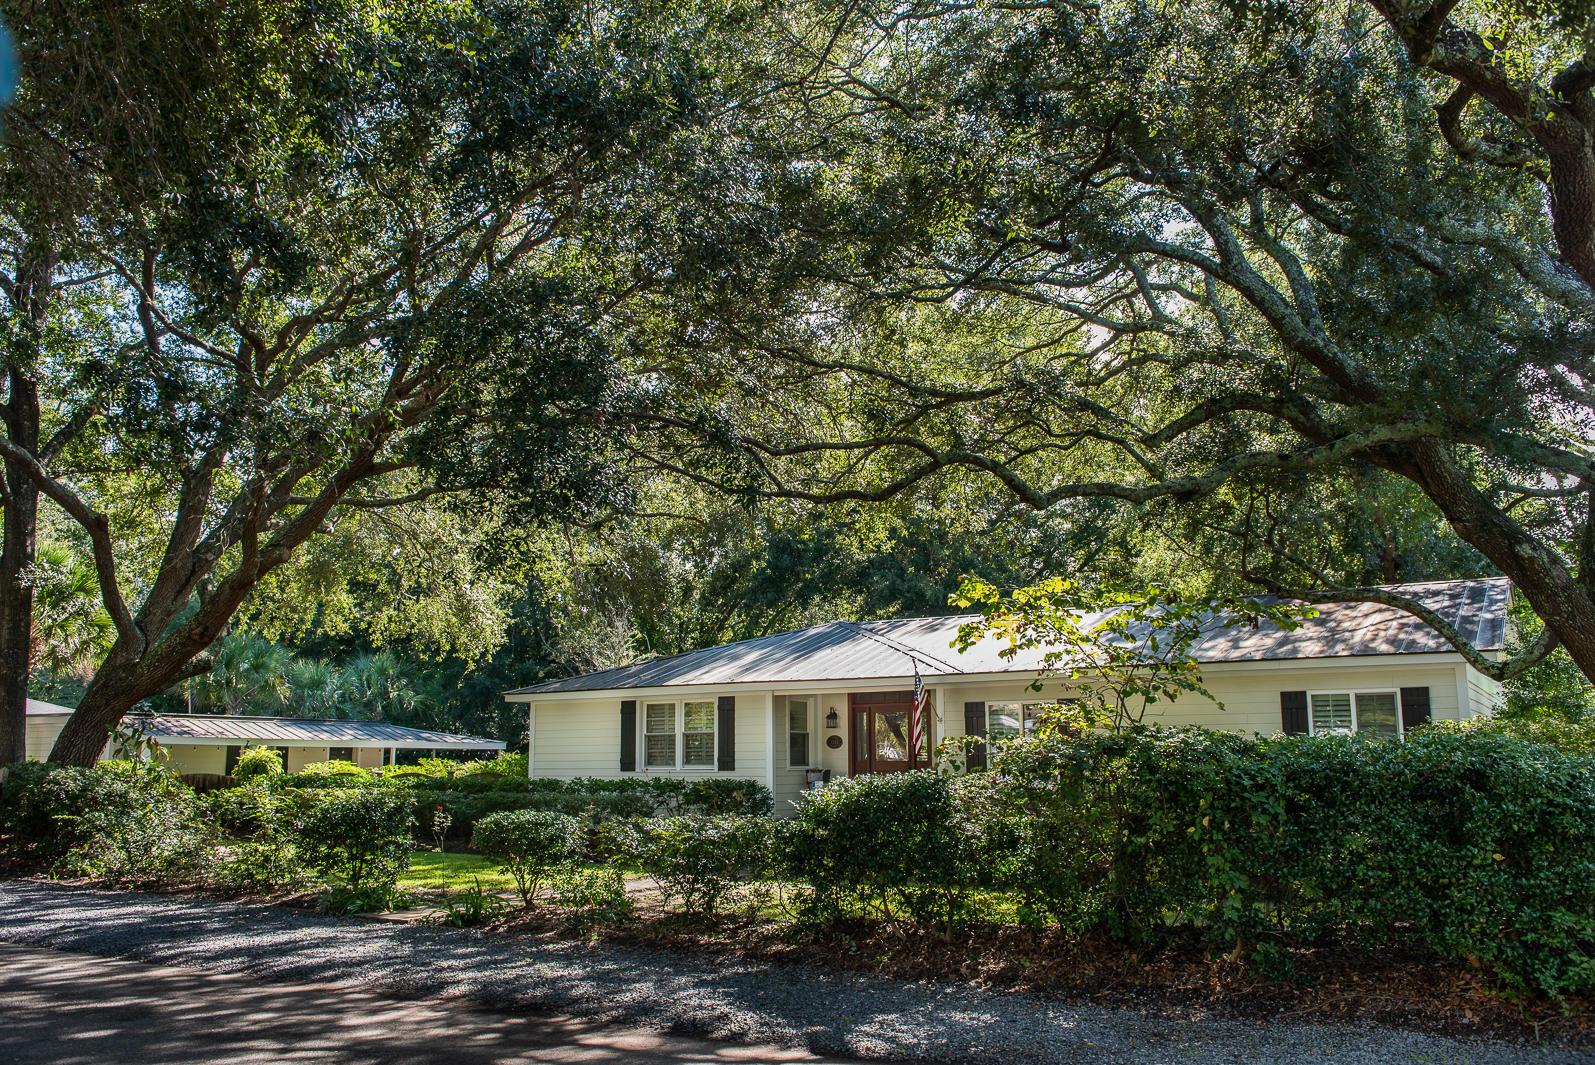 Old Mt Pleasant Homes For Sale - 1344 Fairmont, Mount Pleasant, SC - 1